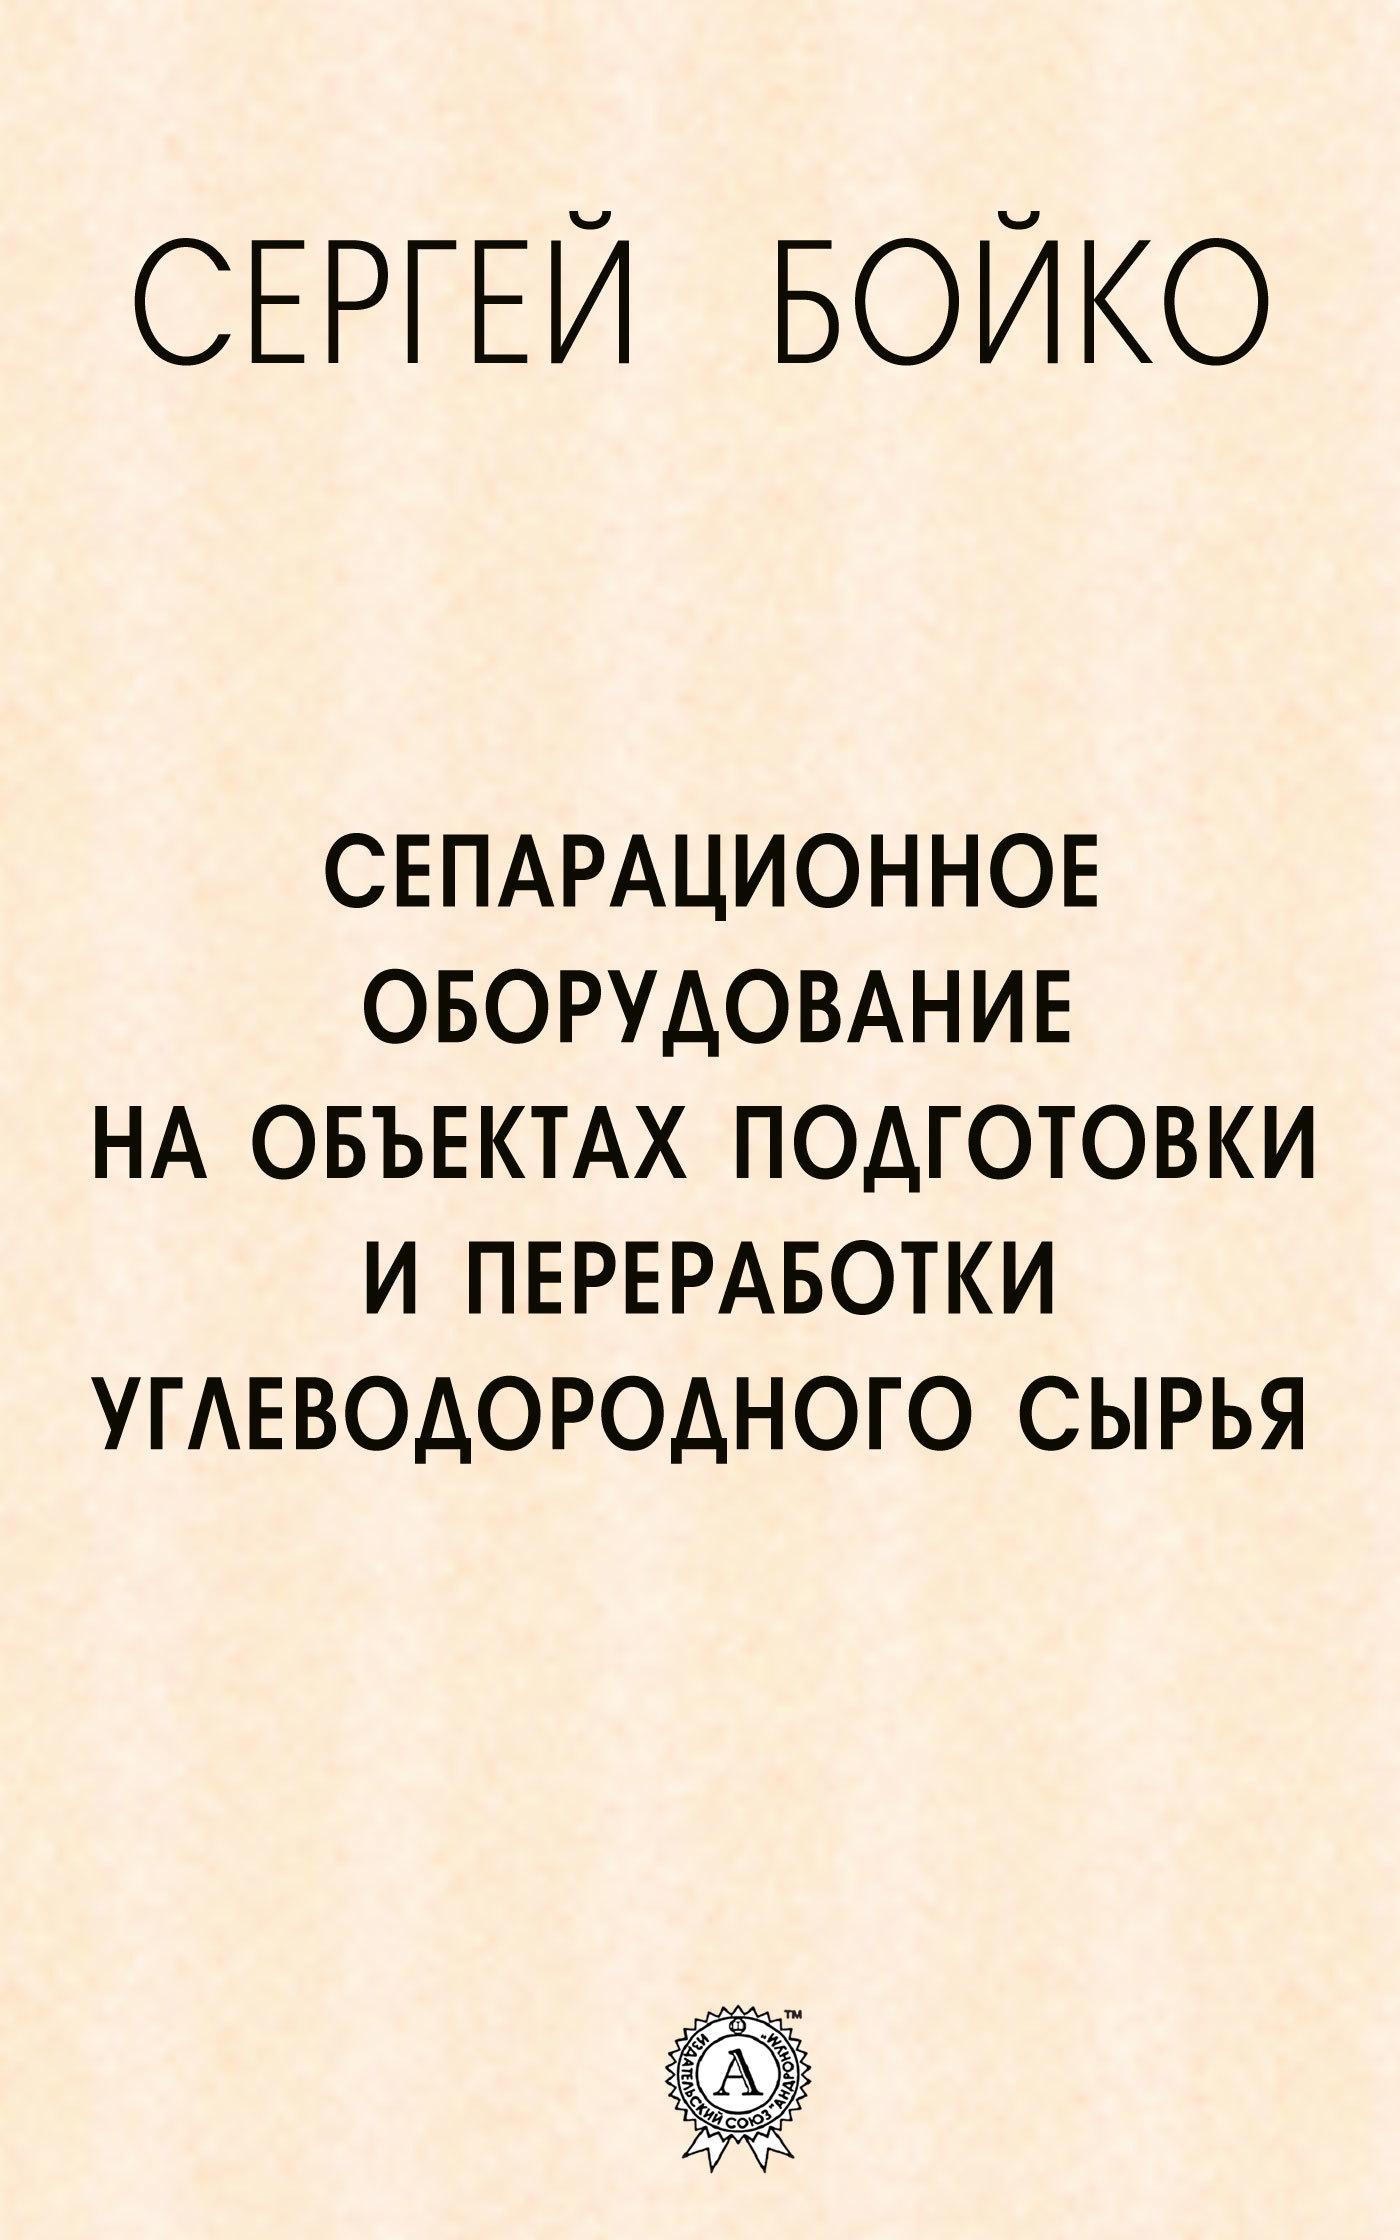 Сергей Бойко Сепарационное оборудование на объектах подготовки и переработки углеводородного сырья